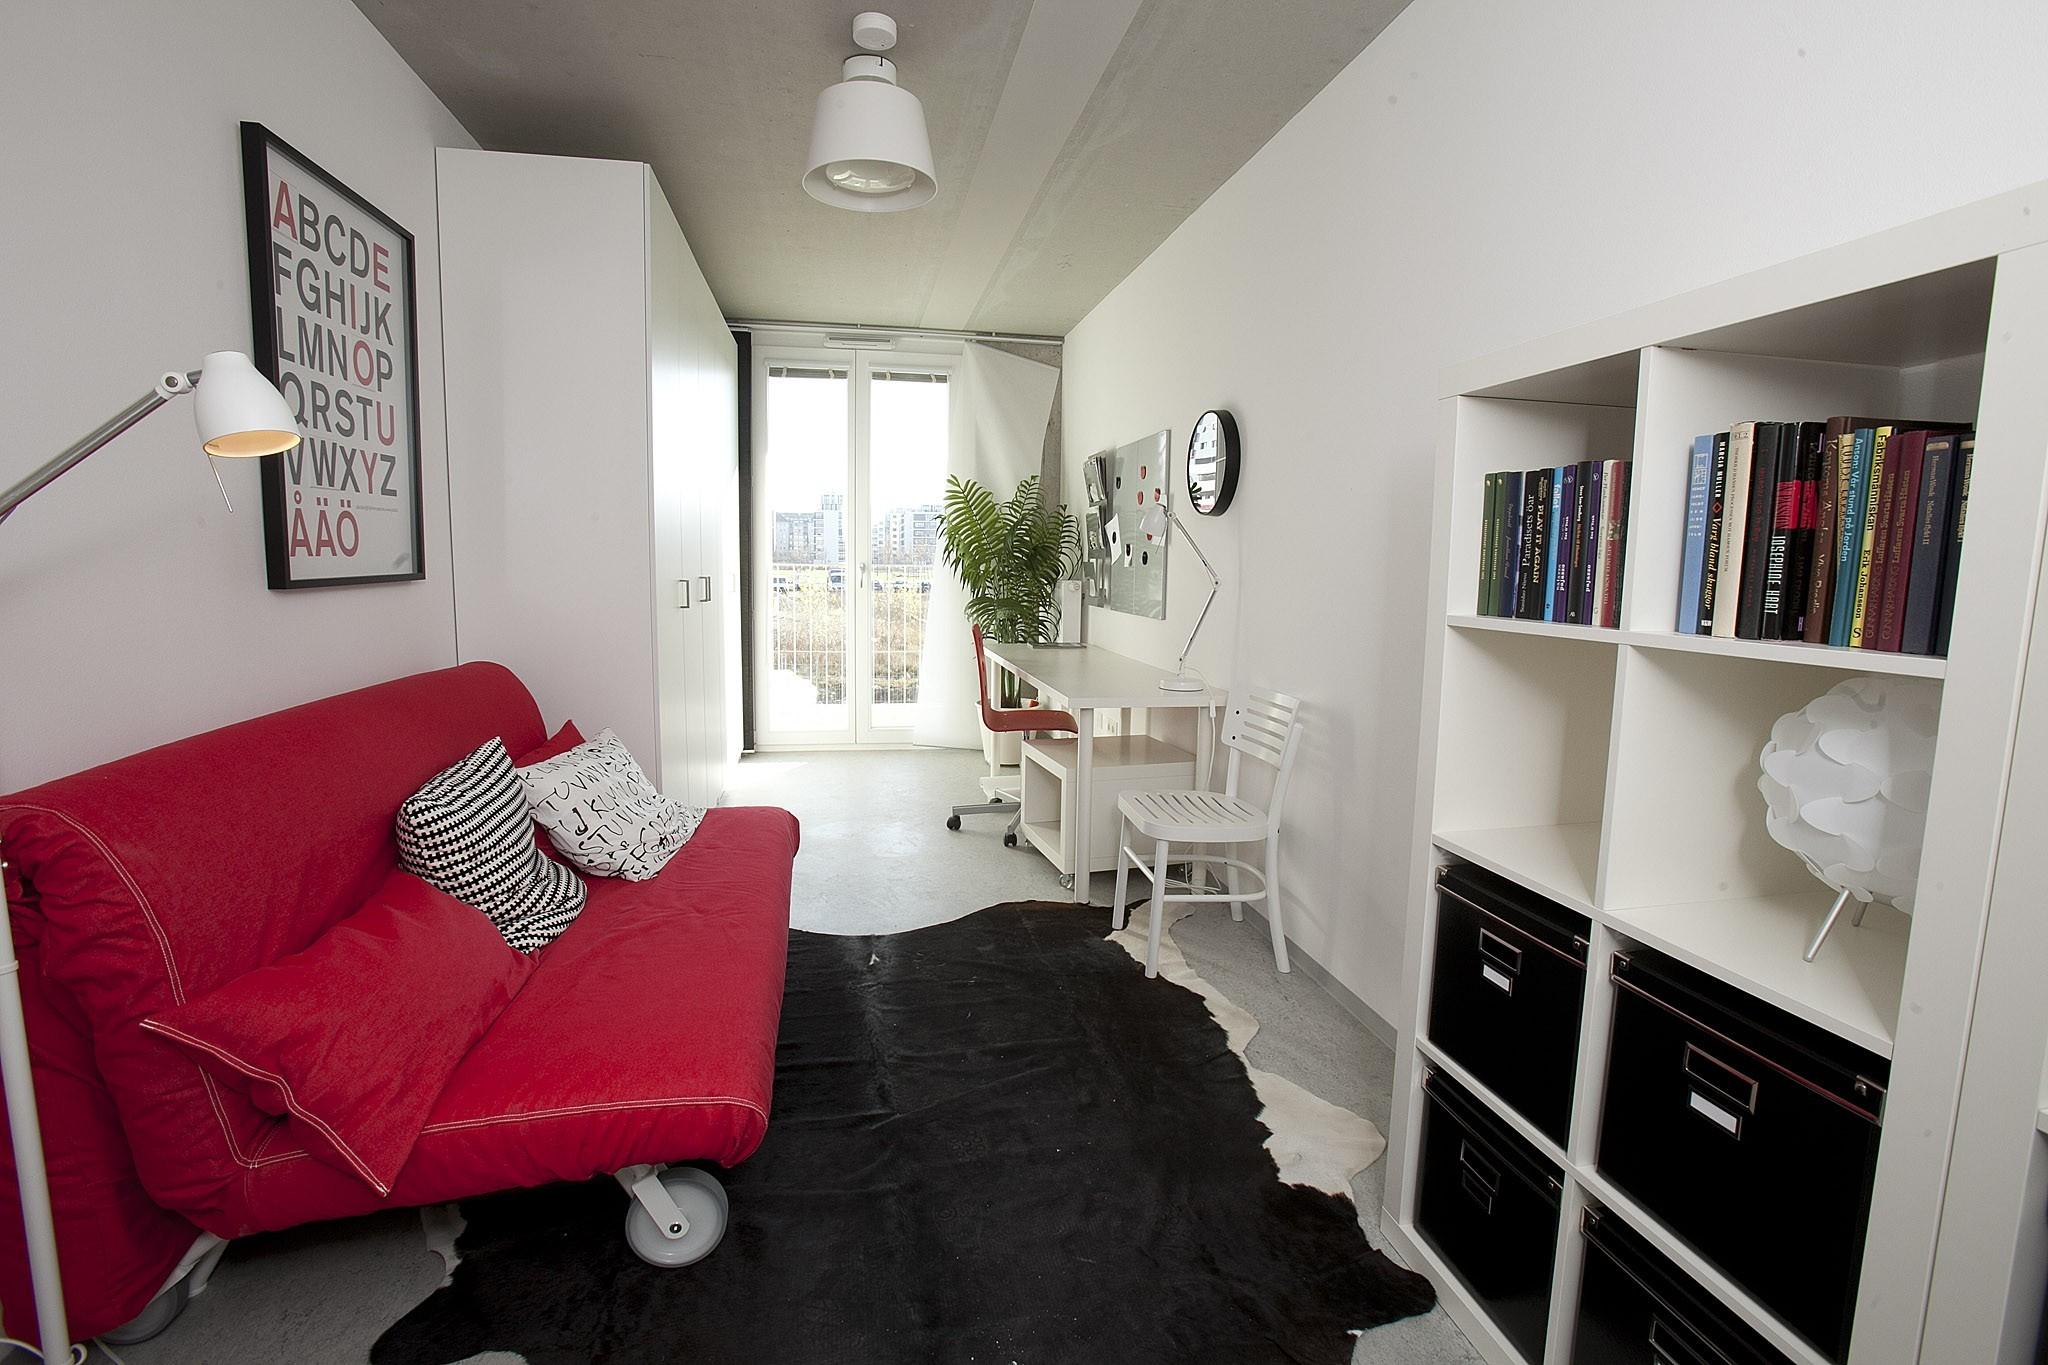 Bécs megszakítja a tárgyalásokat az Airbnb-vel